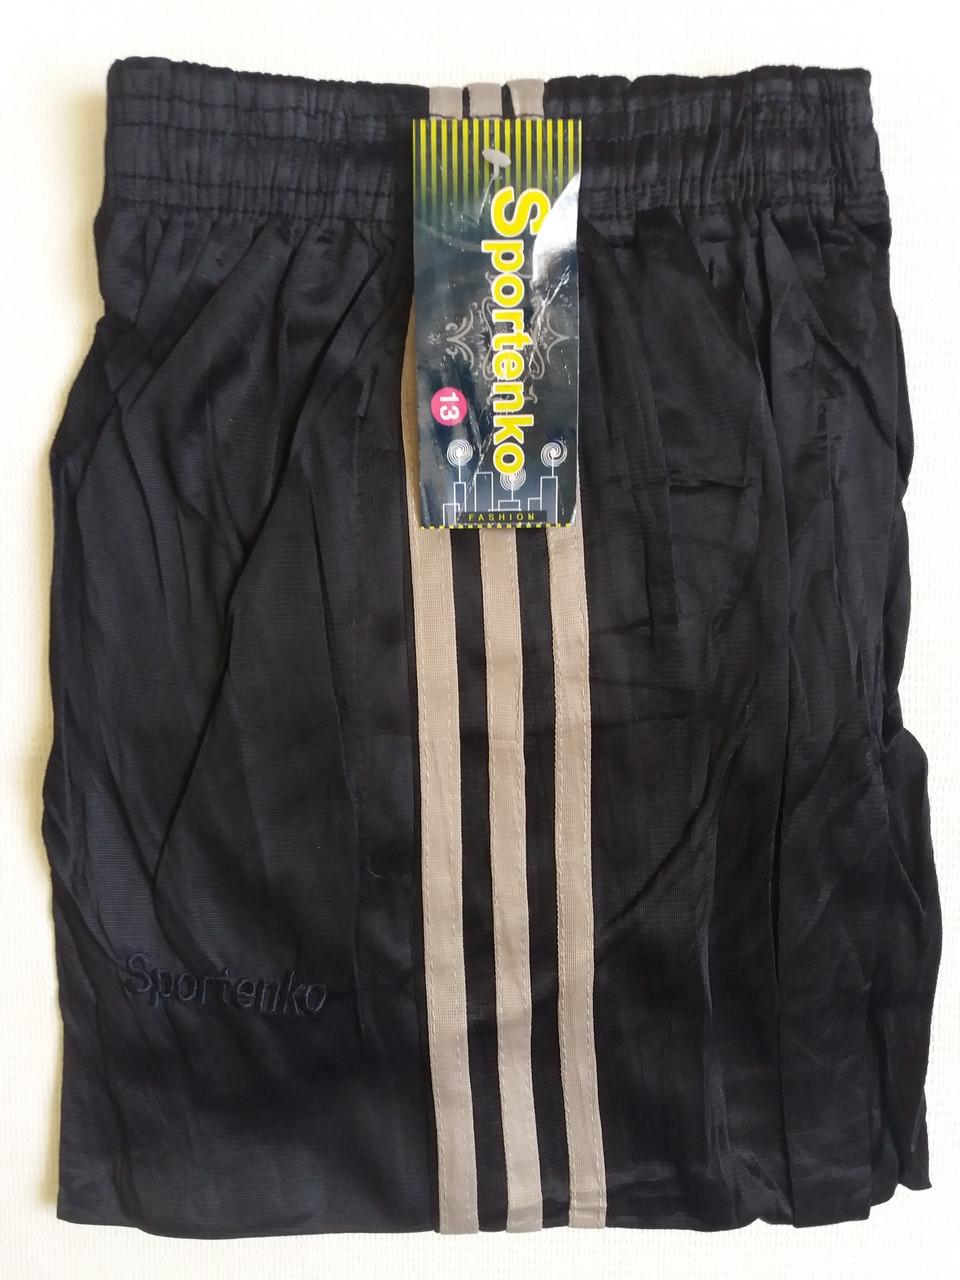 Спортивные штаны детские-подросток,эластик. От 4шт по 24грн.